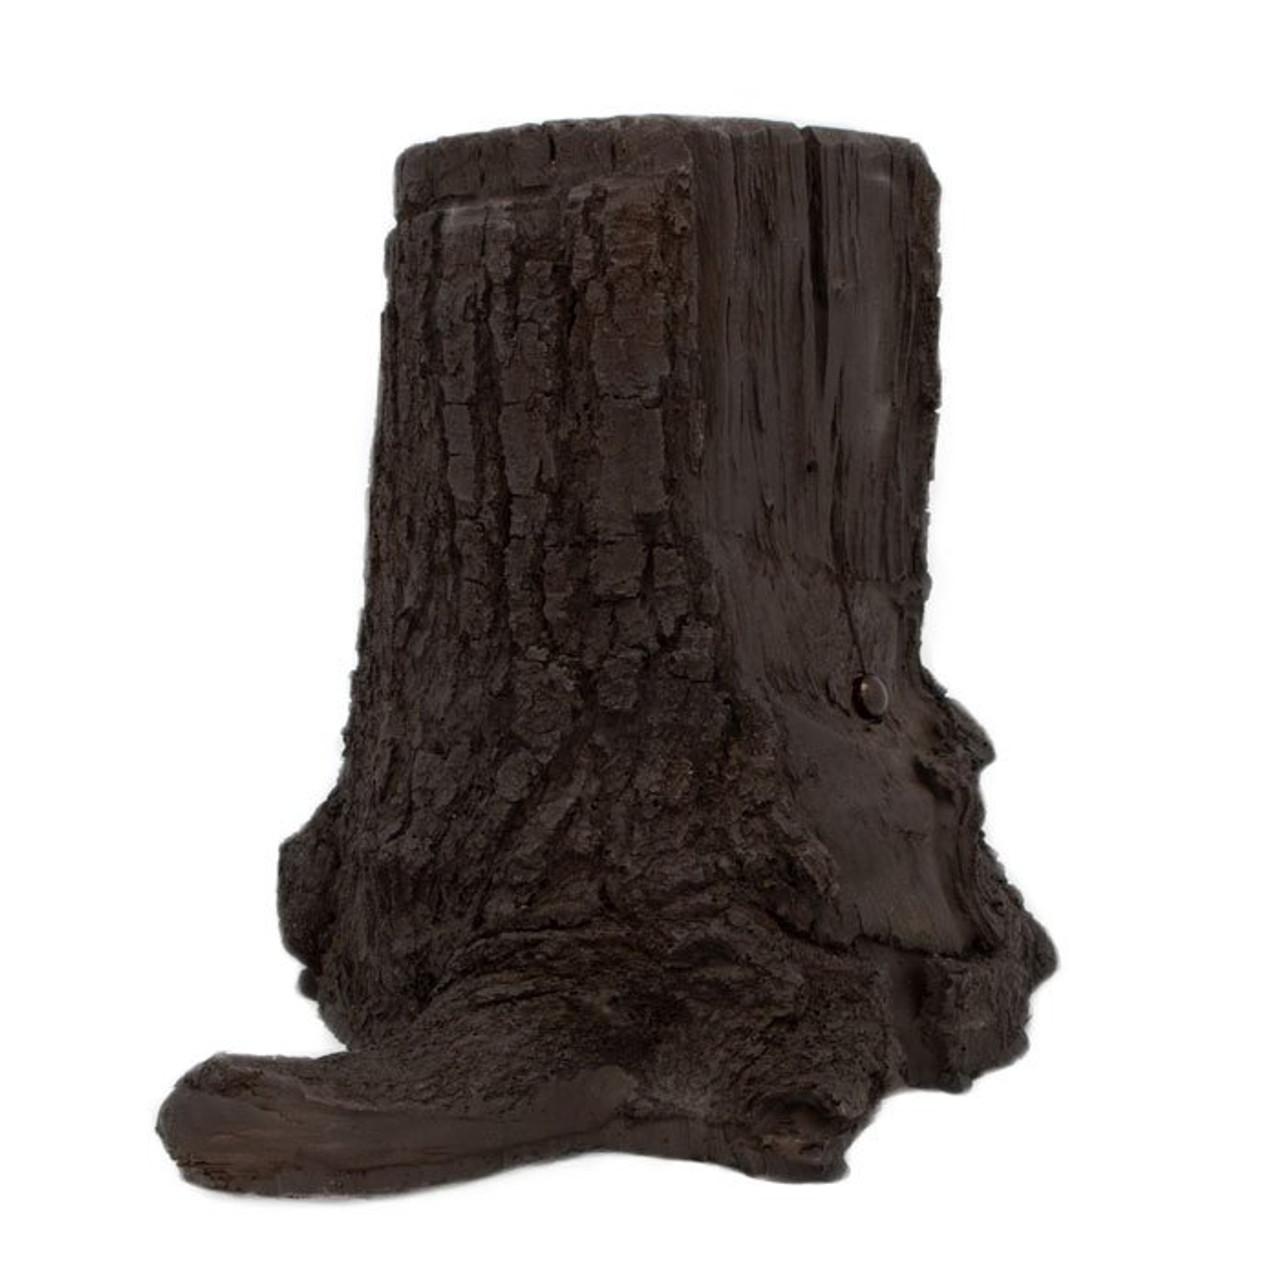 4k Tree Stump Hidden Camera